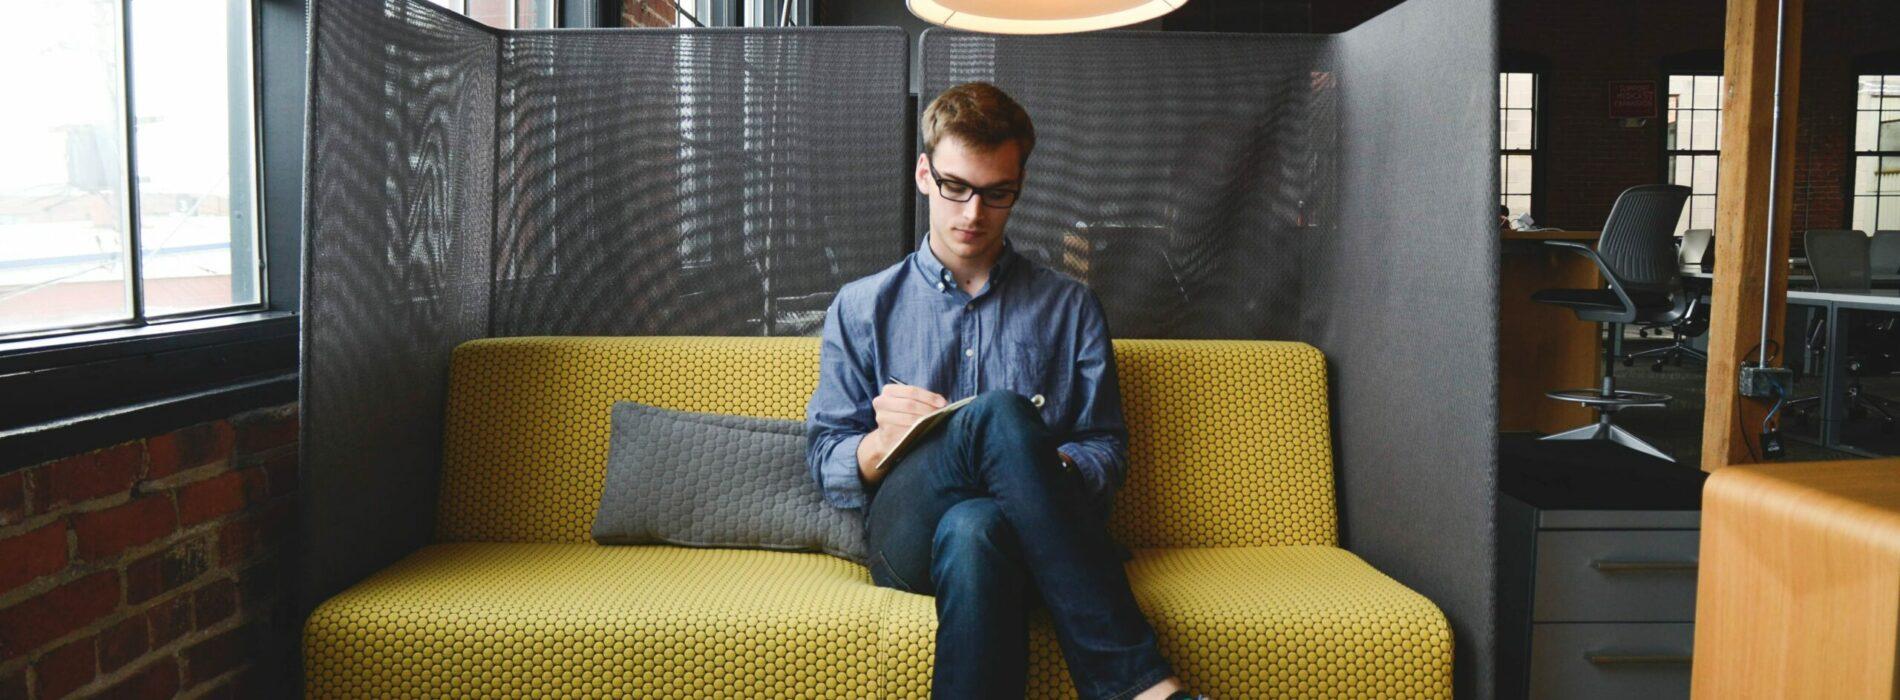 Biuro wirtualne – co to jest i jakie usługi może Ci zaoferować?